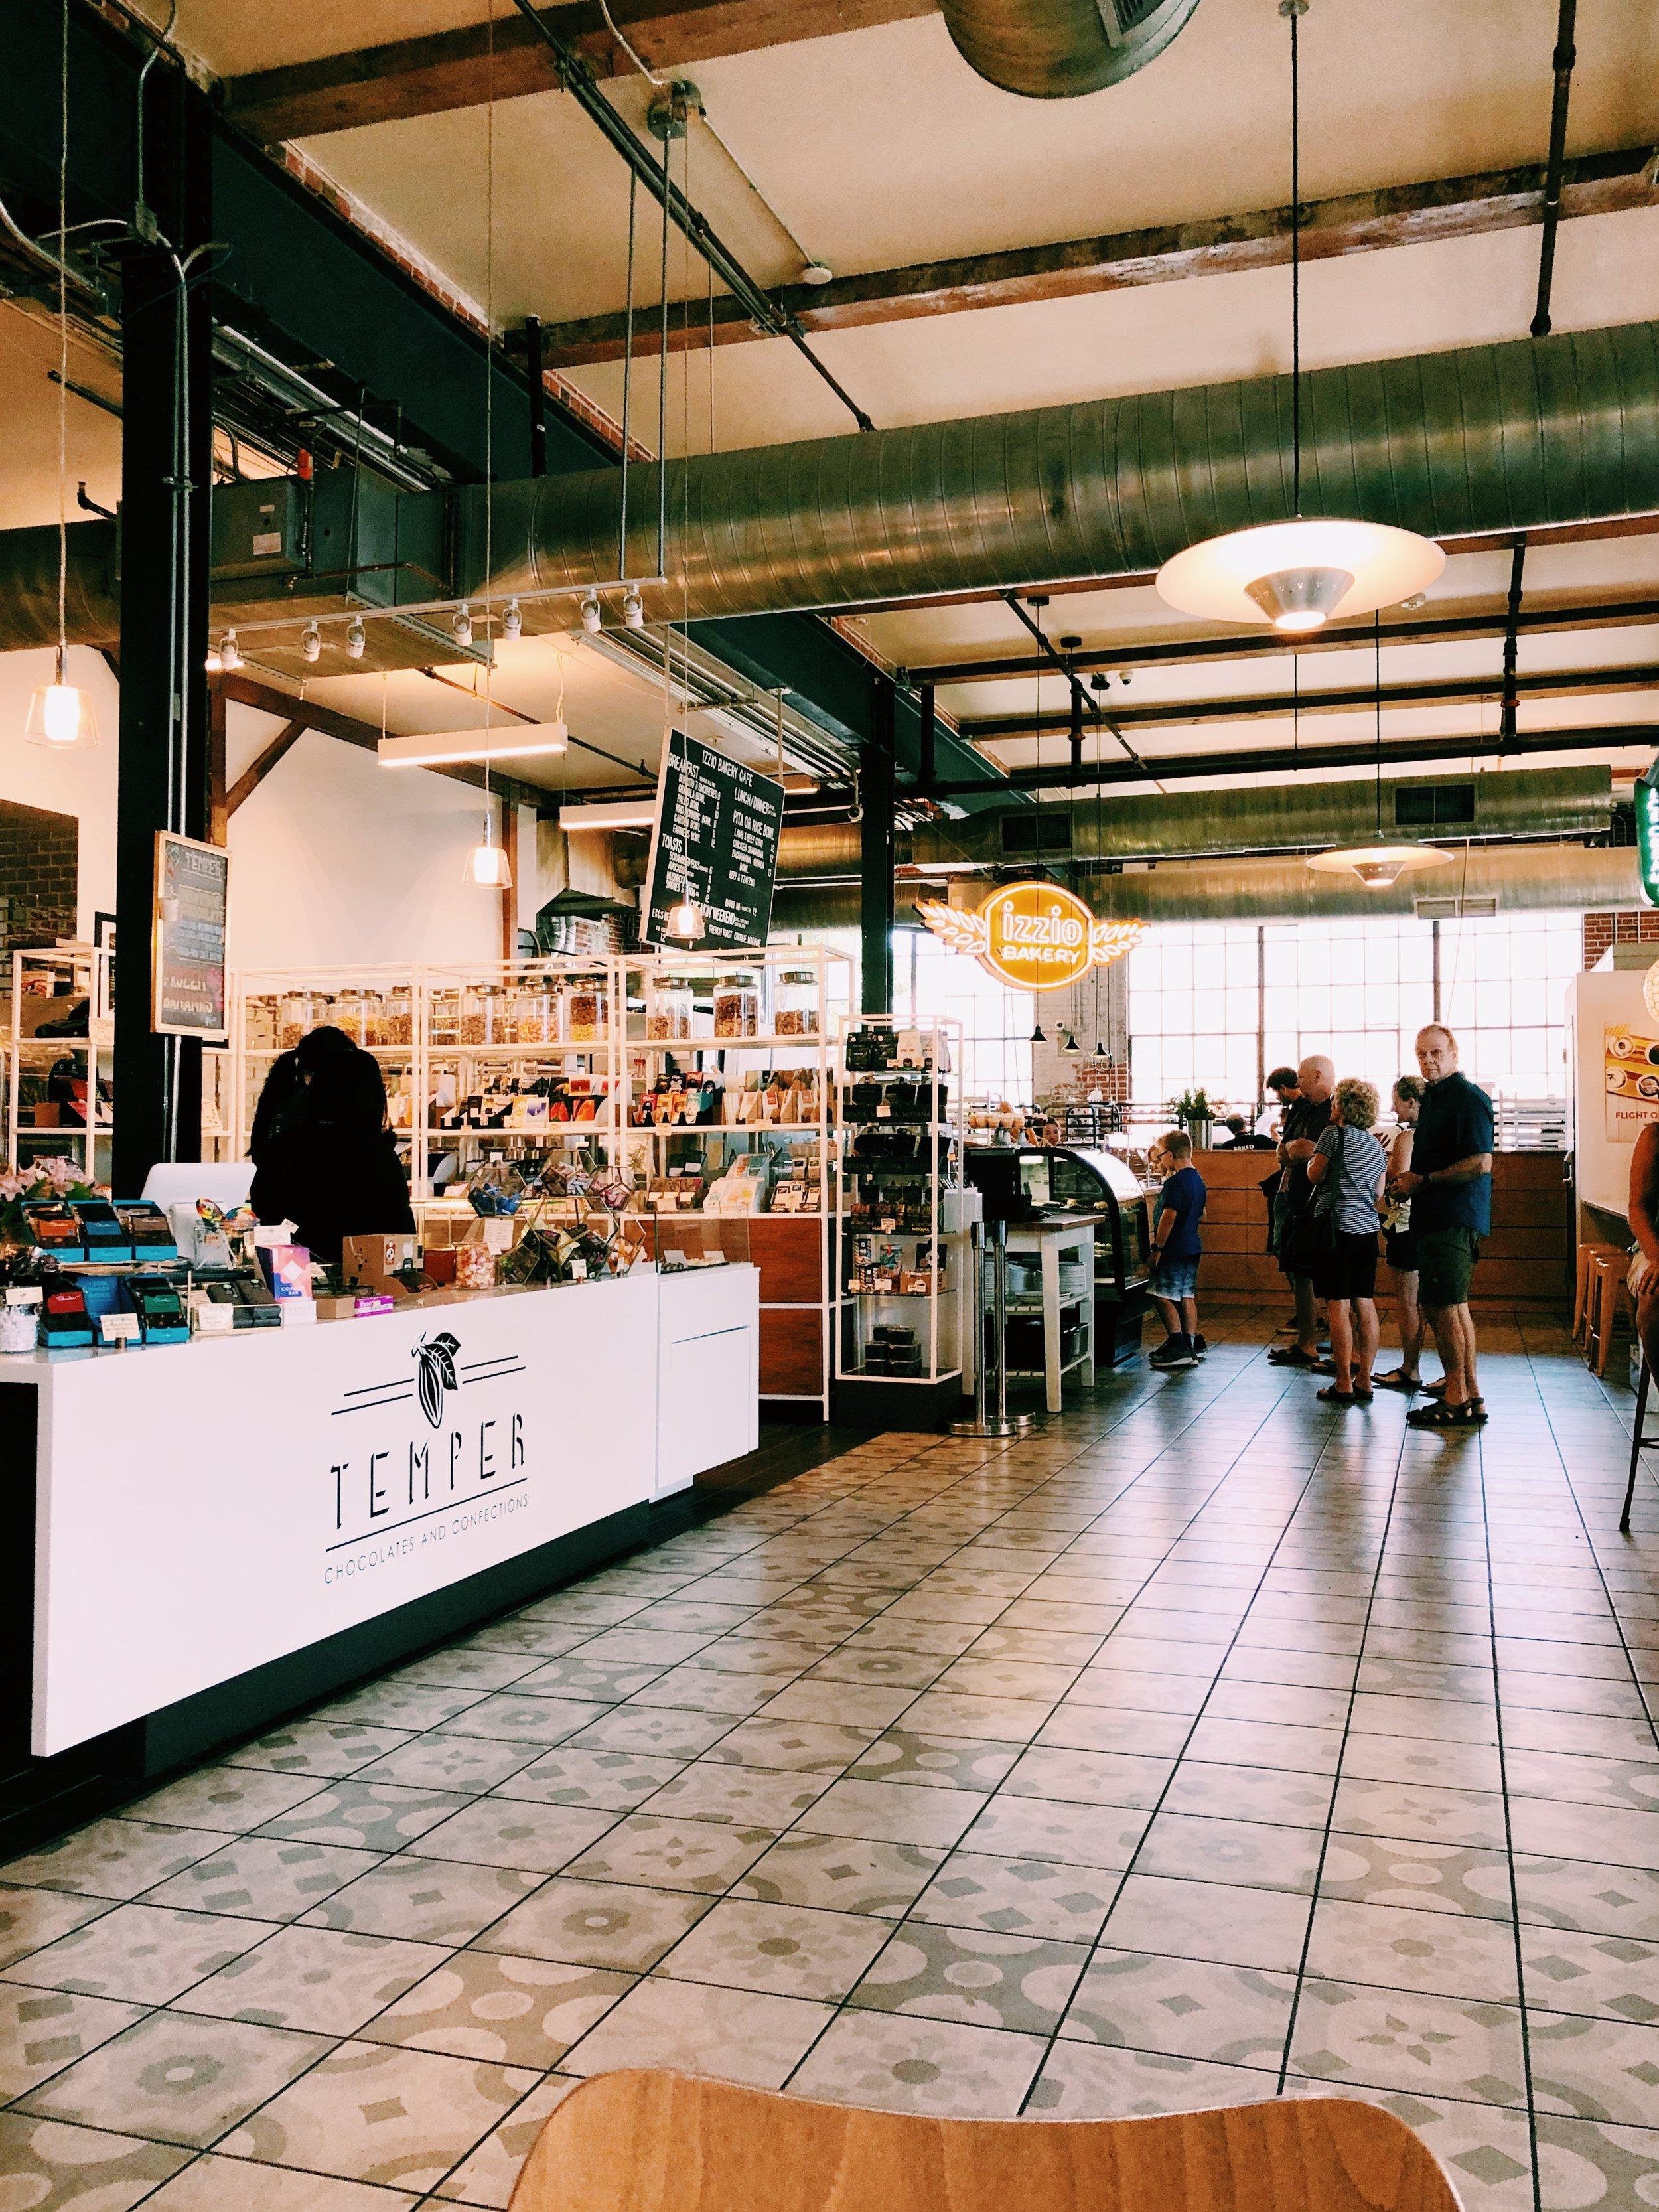 Denver Market